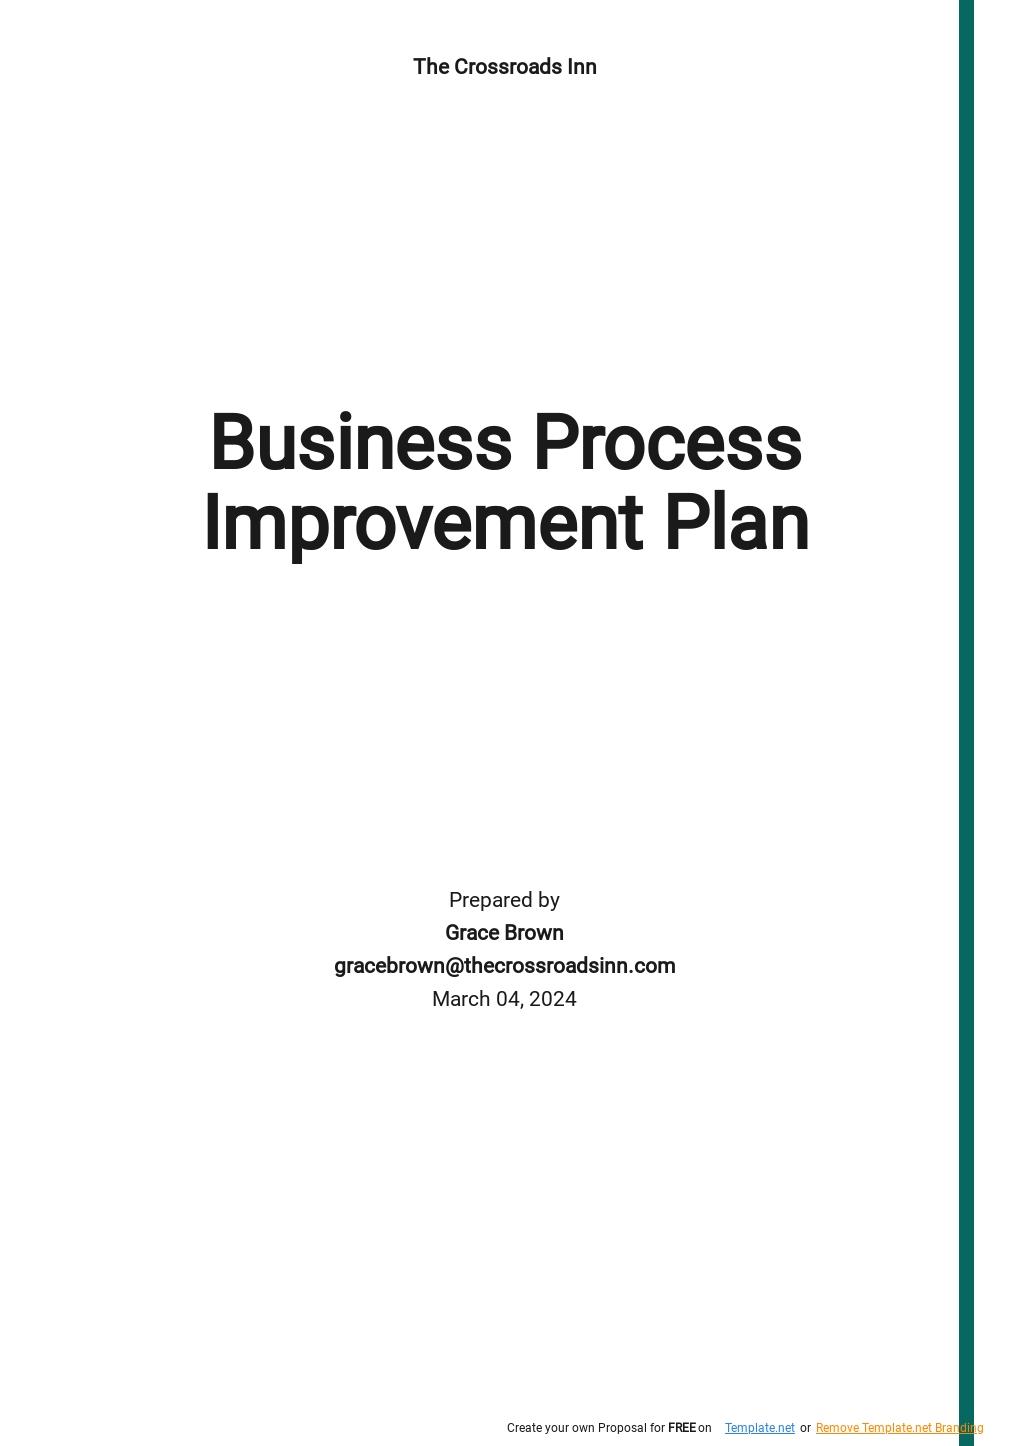 Business Process Improvement Plan Template.jpe